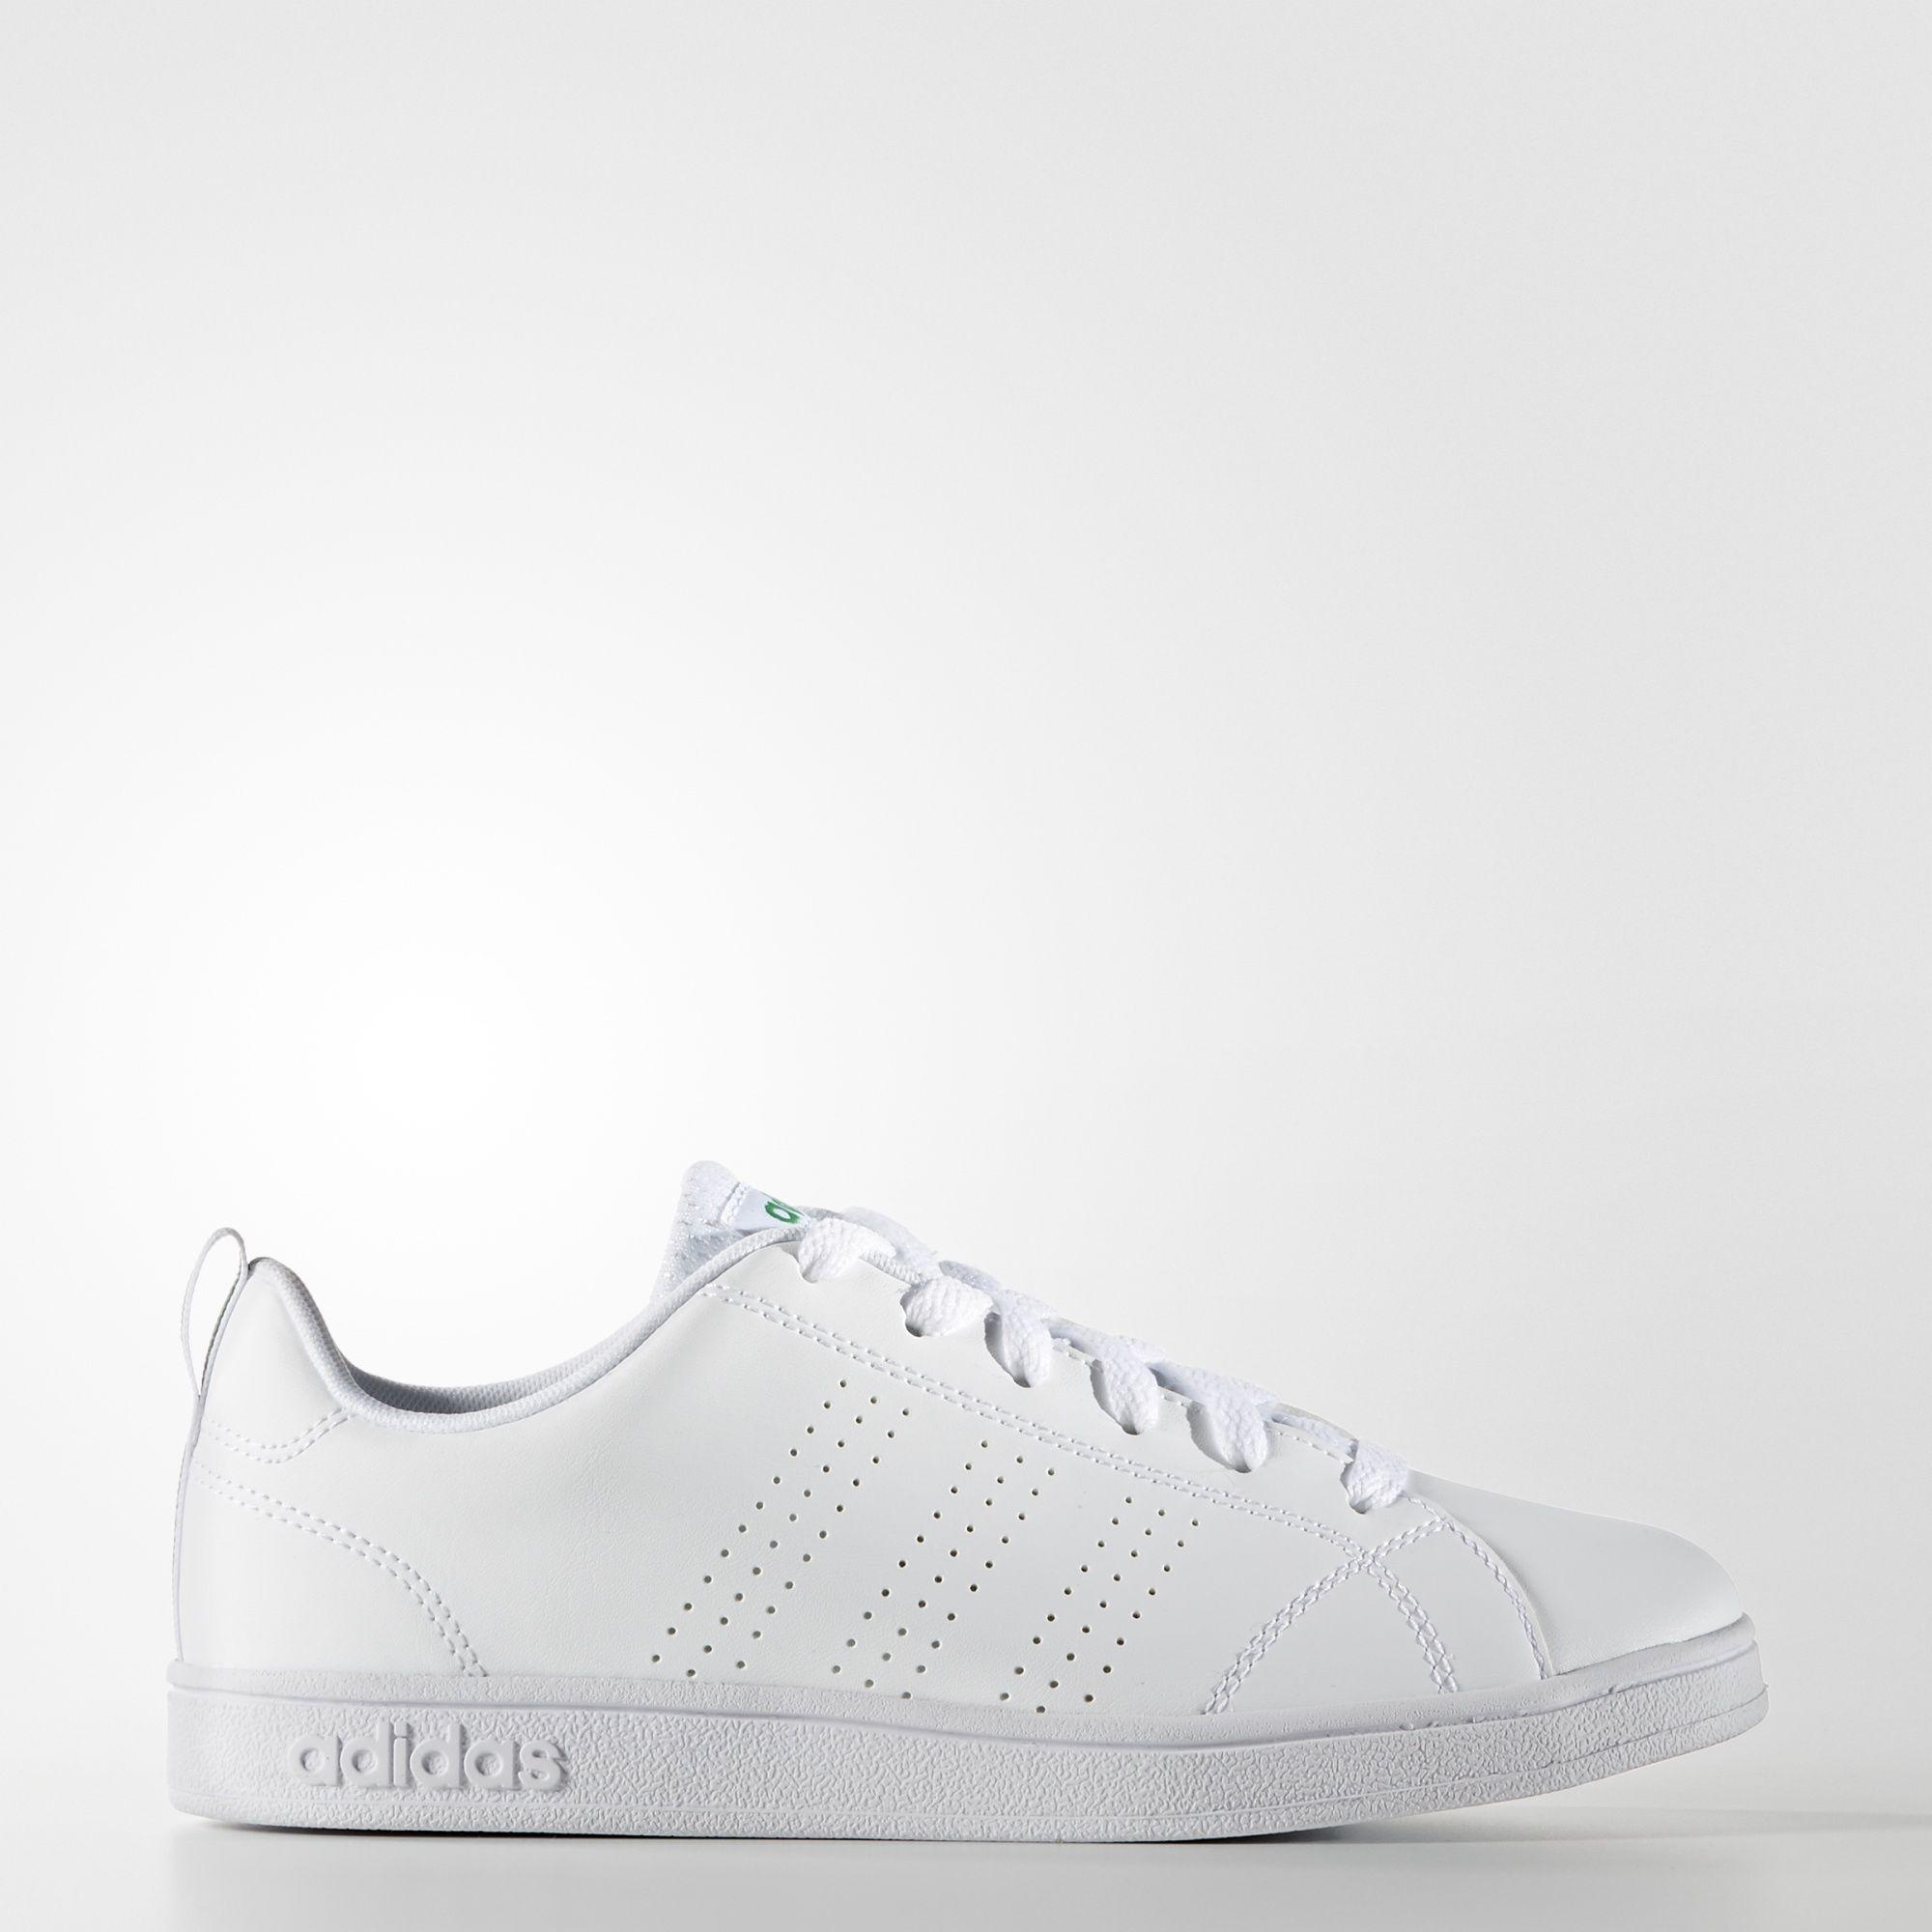 Sneakers AW4884 Zapatillas Adidas Neo Advantage Clean Blanco Niño  c3d0829086f58